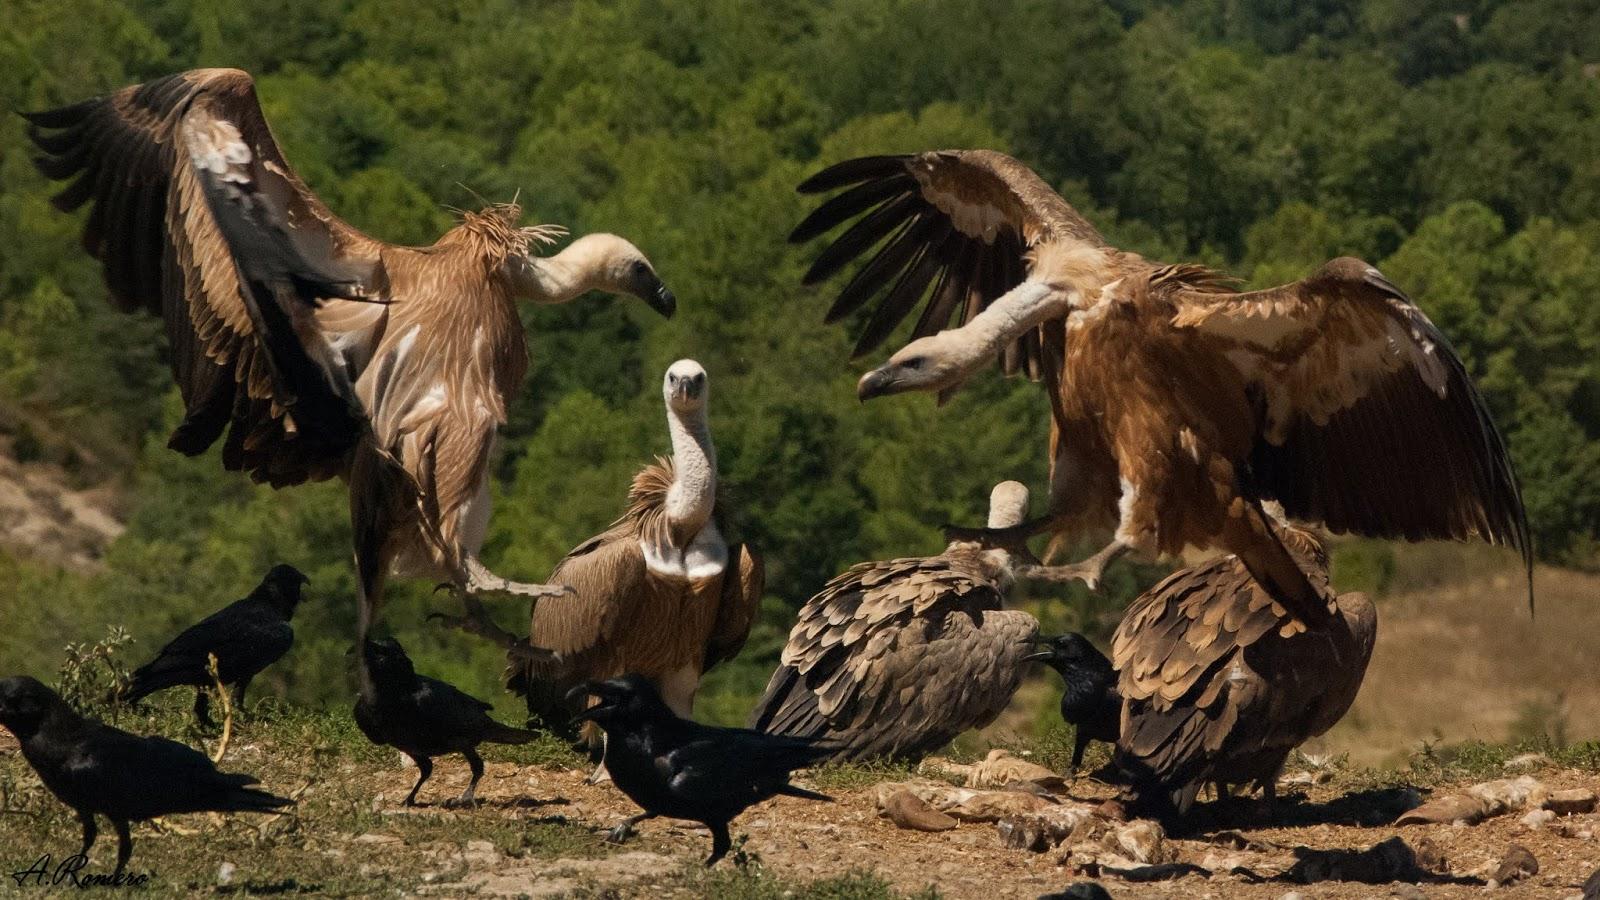 Los últimos en llegar son generalmente los más jóvenes, que deberán disputarse los restos del banquete. El collar de plumas lanceoladas de color pardo y el pico oscuro los distinguen de los individuos adultos.